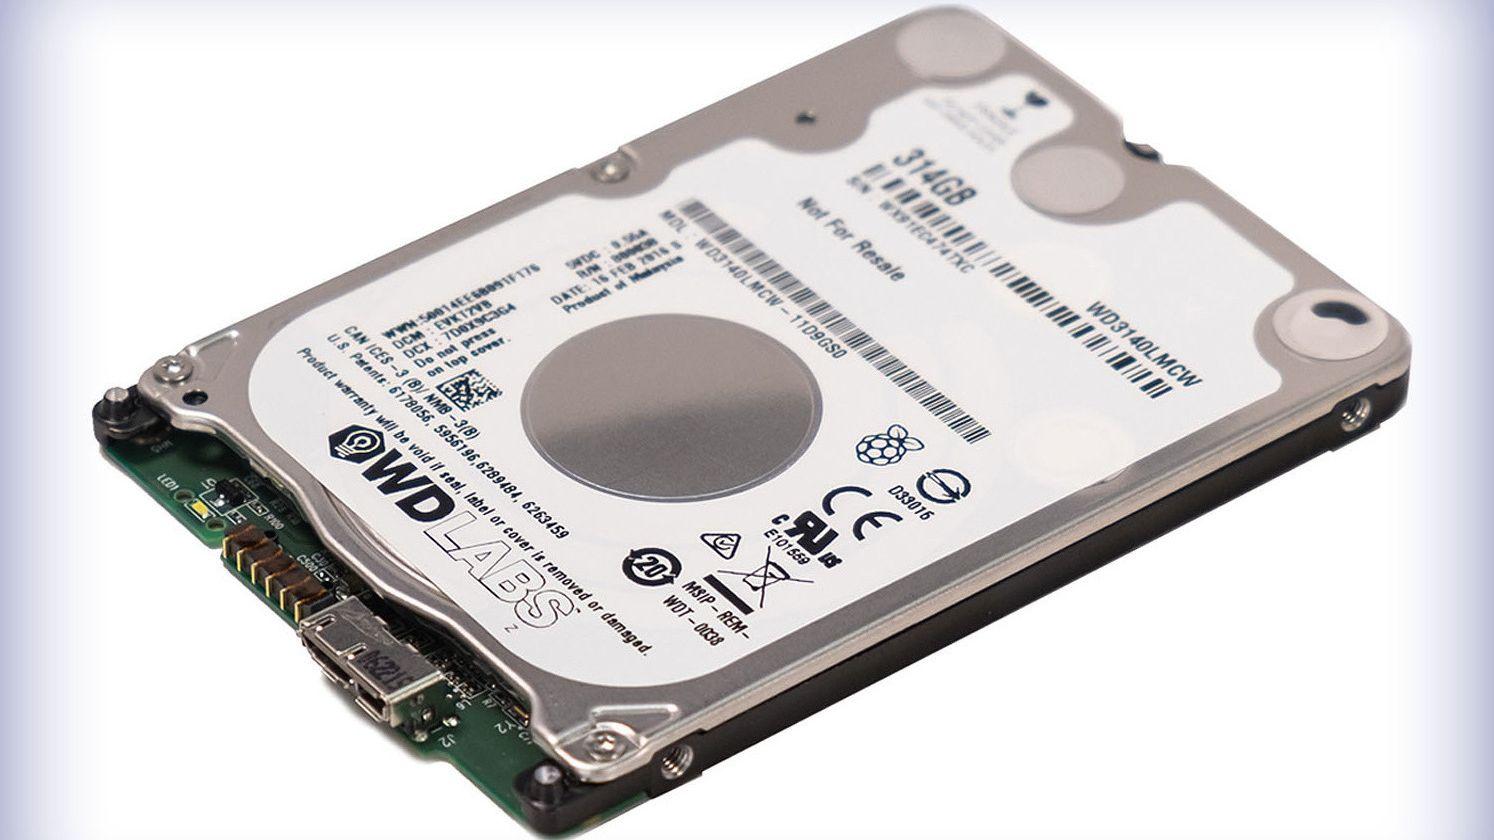 Denne gir Raspberry Pi massevis av lagringsplass til en rimelig penge